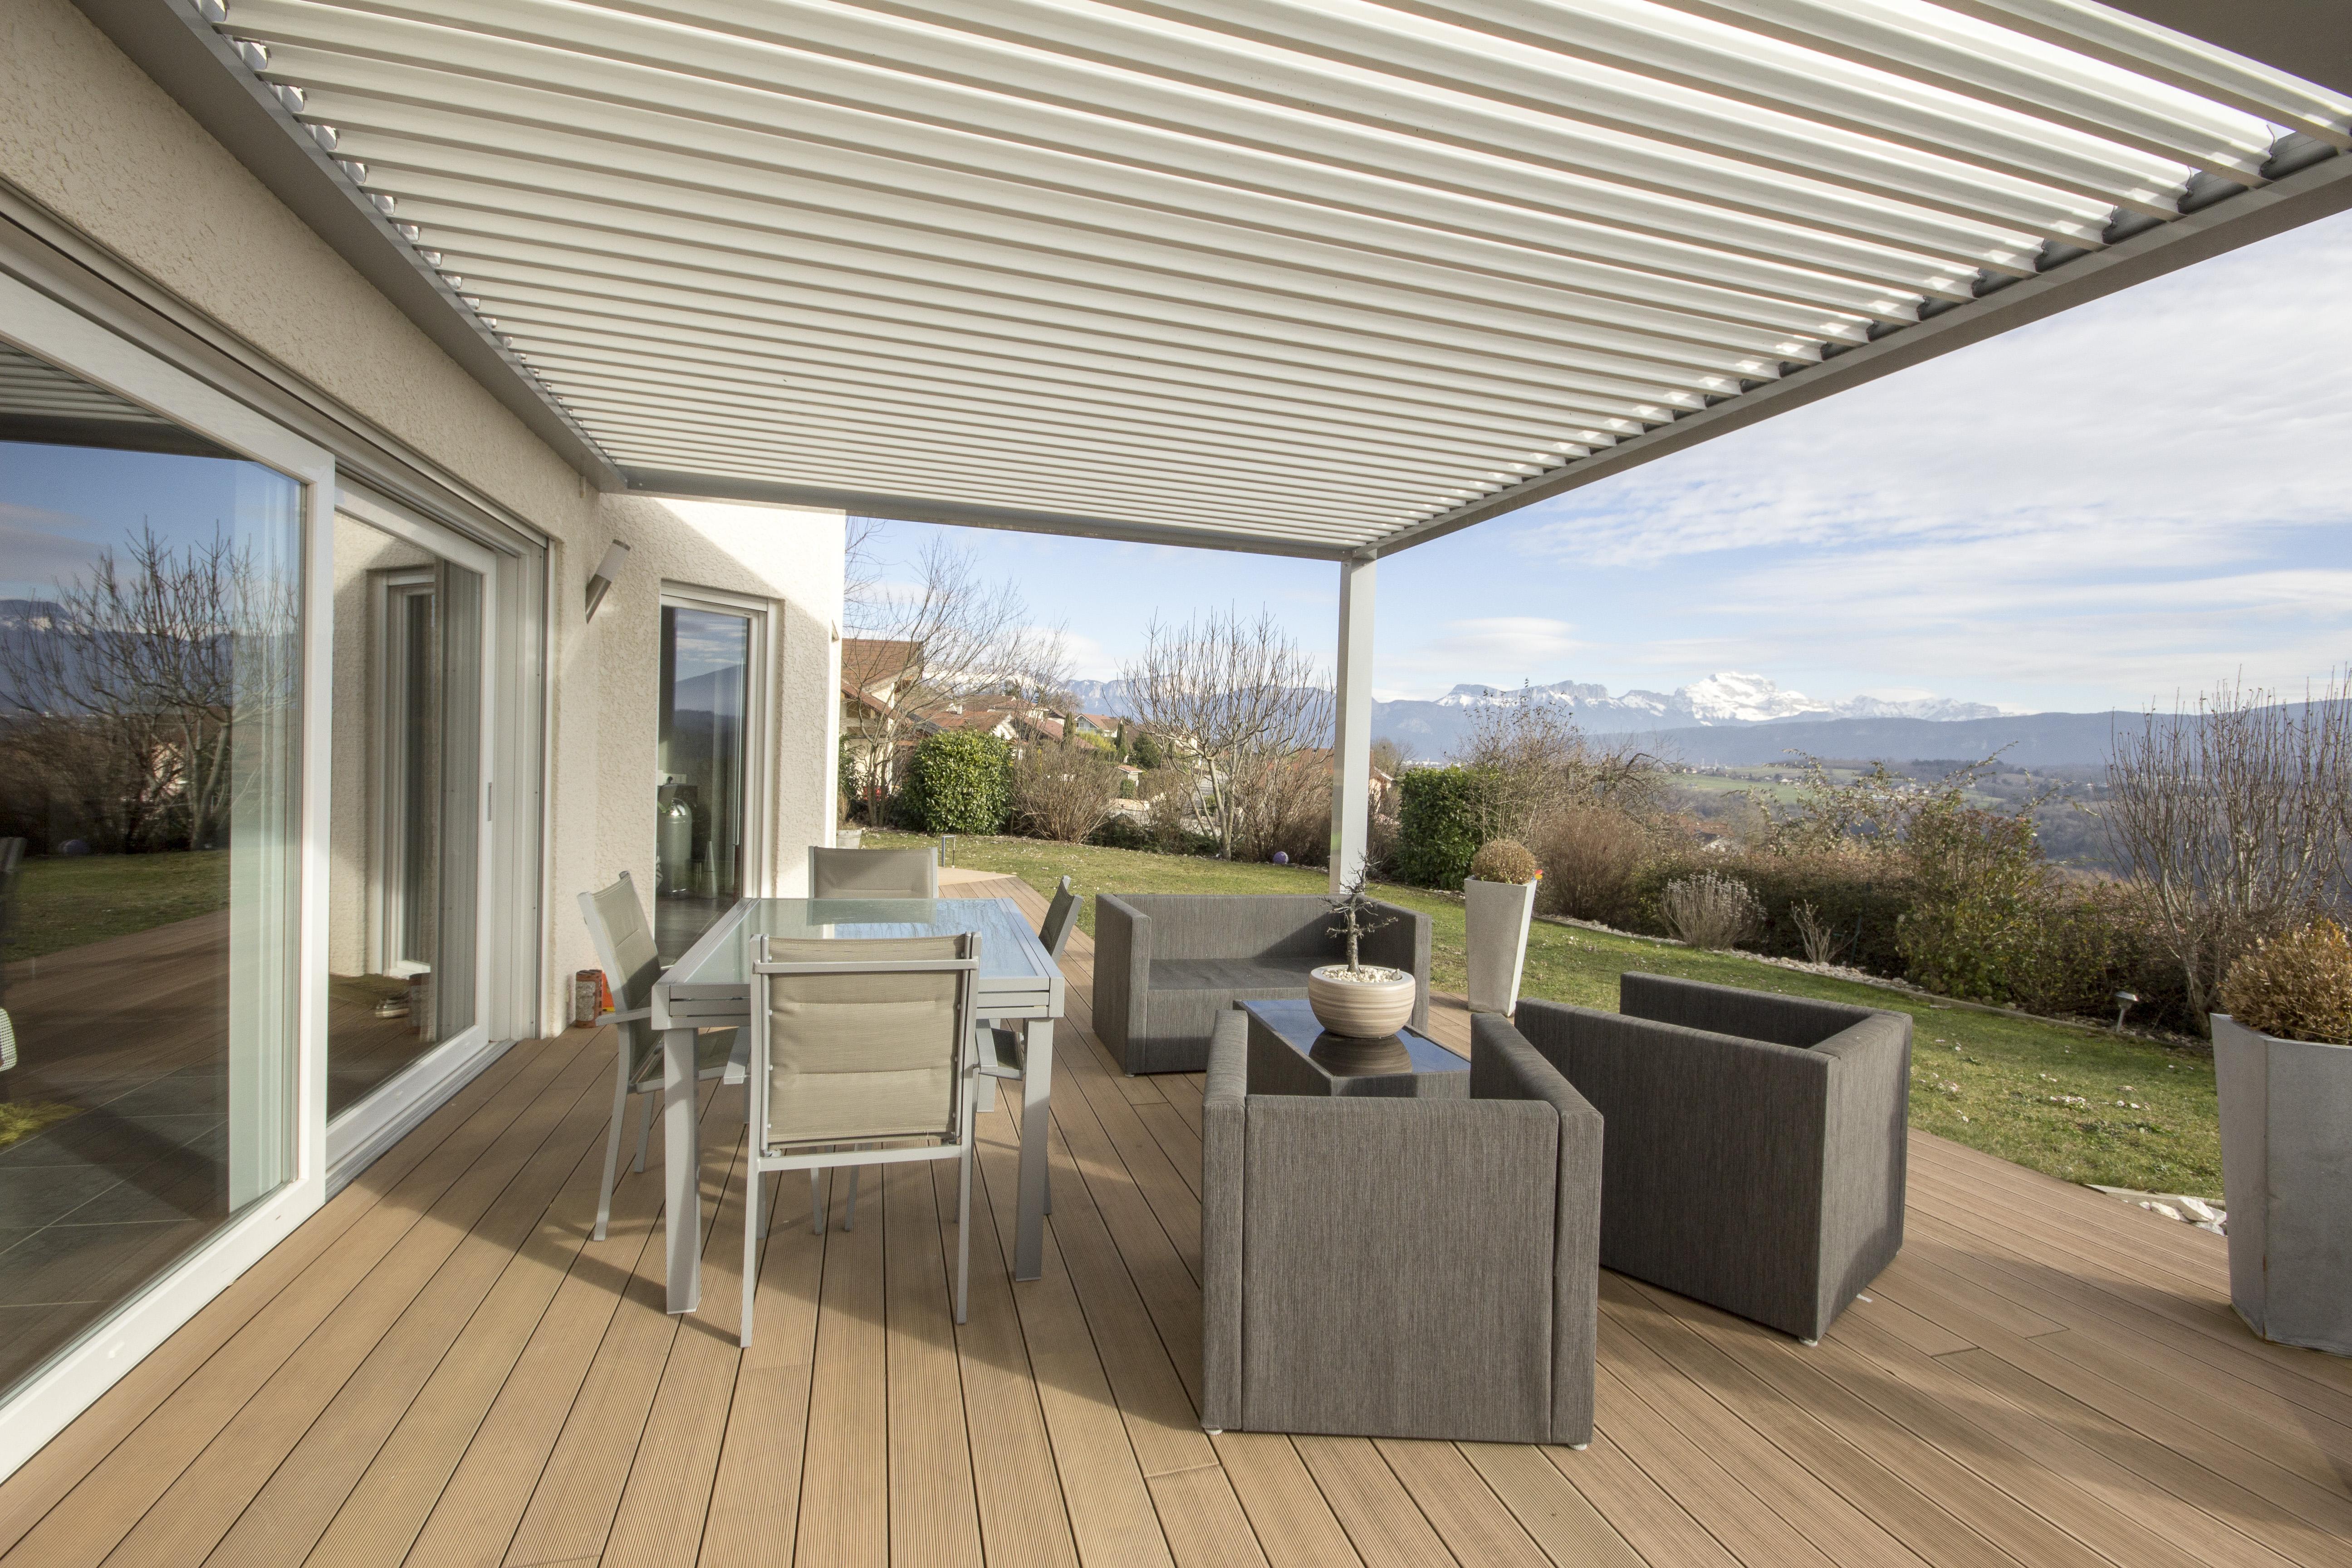 Magnifique maison moderne avec piscine et vue d gag esweet for Maison moderne piscine